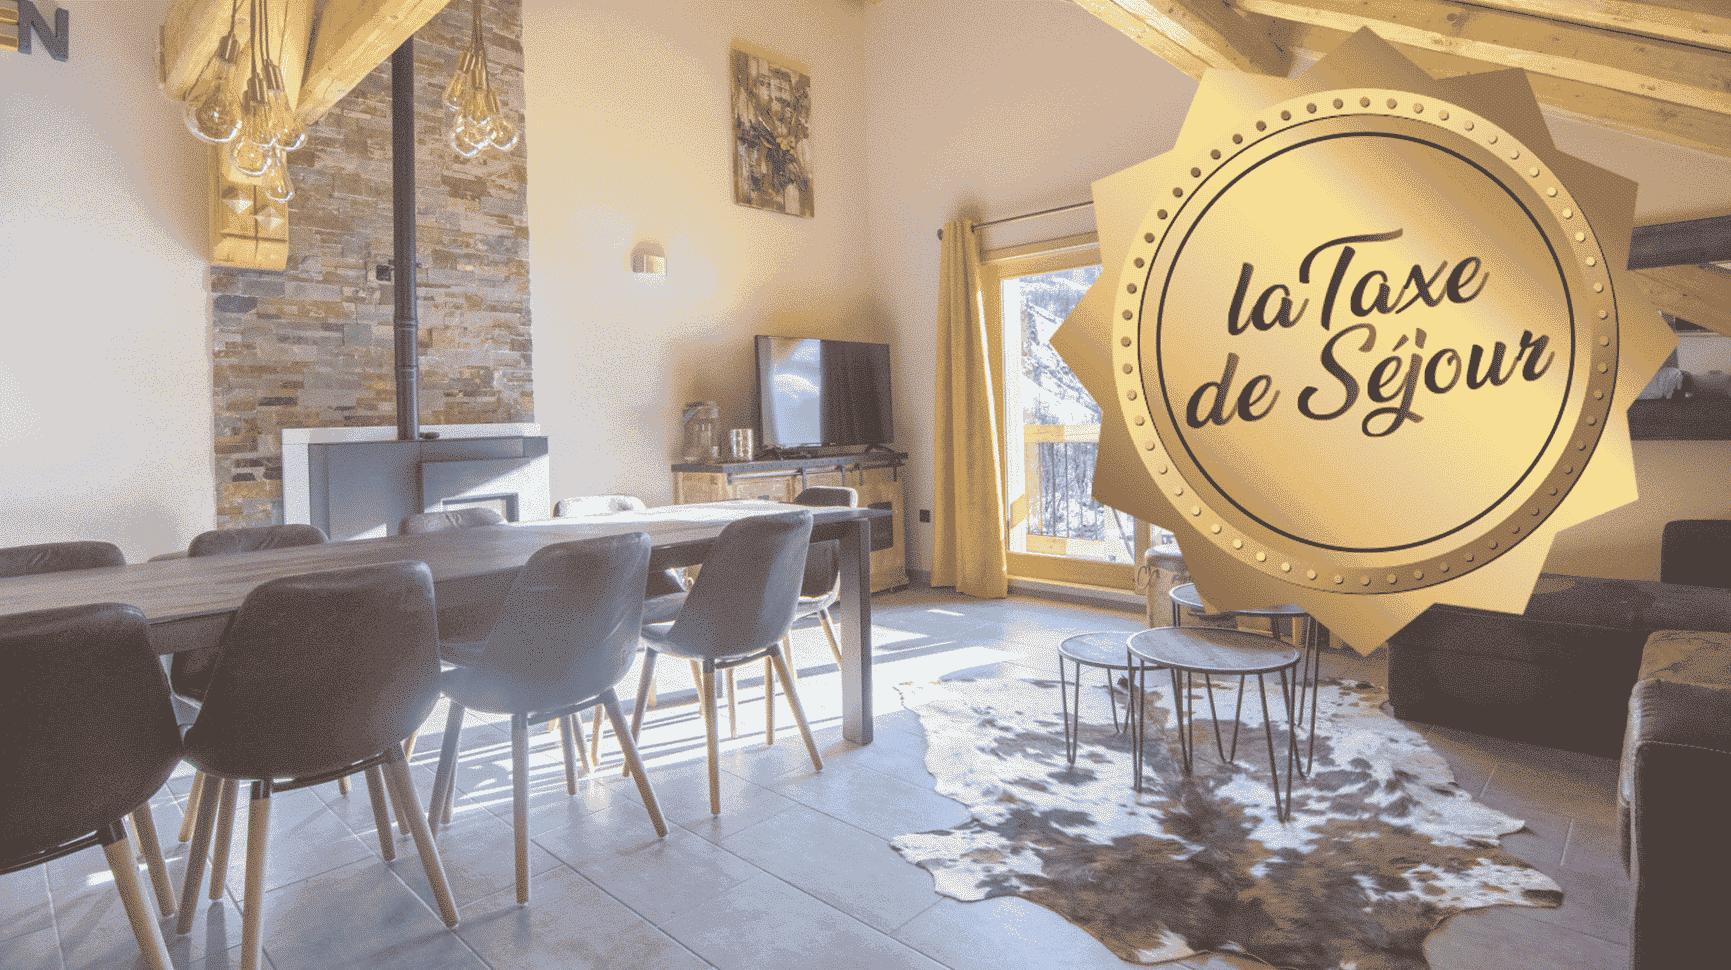 salle à manger et vignette taxe de séjour à Valloire